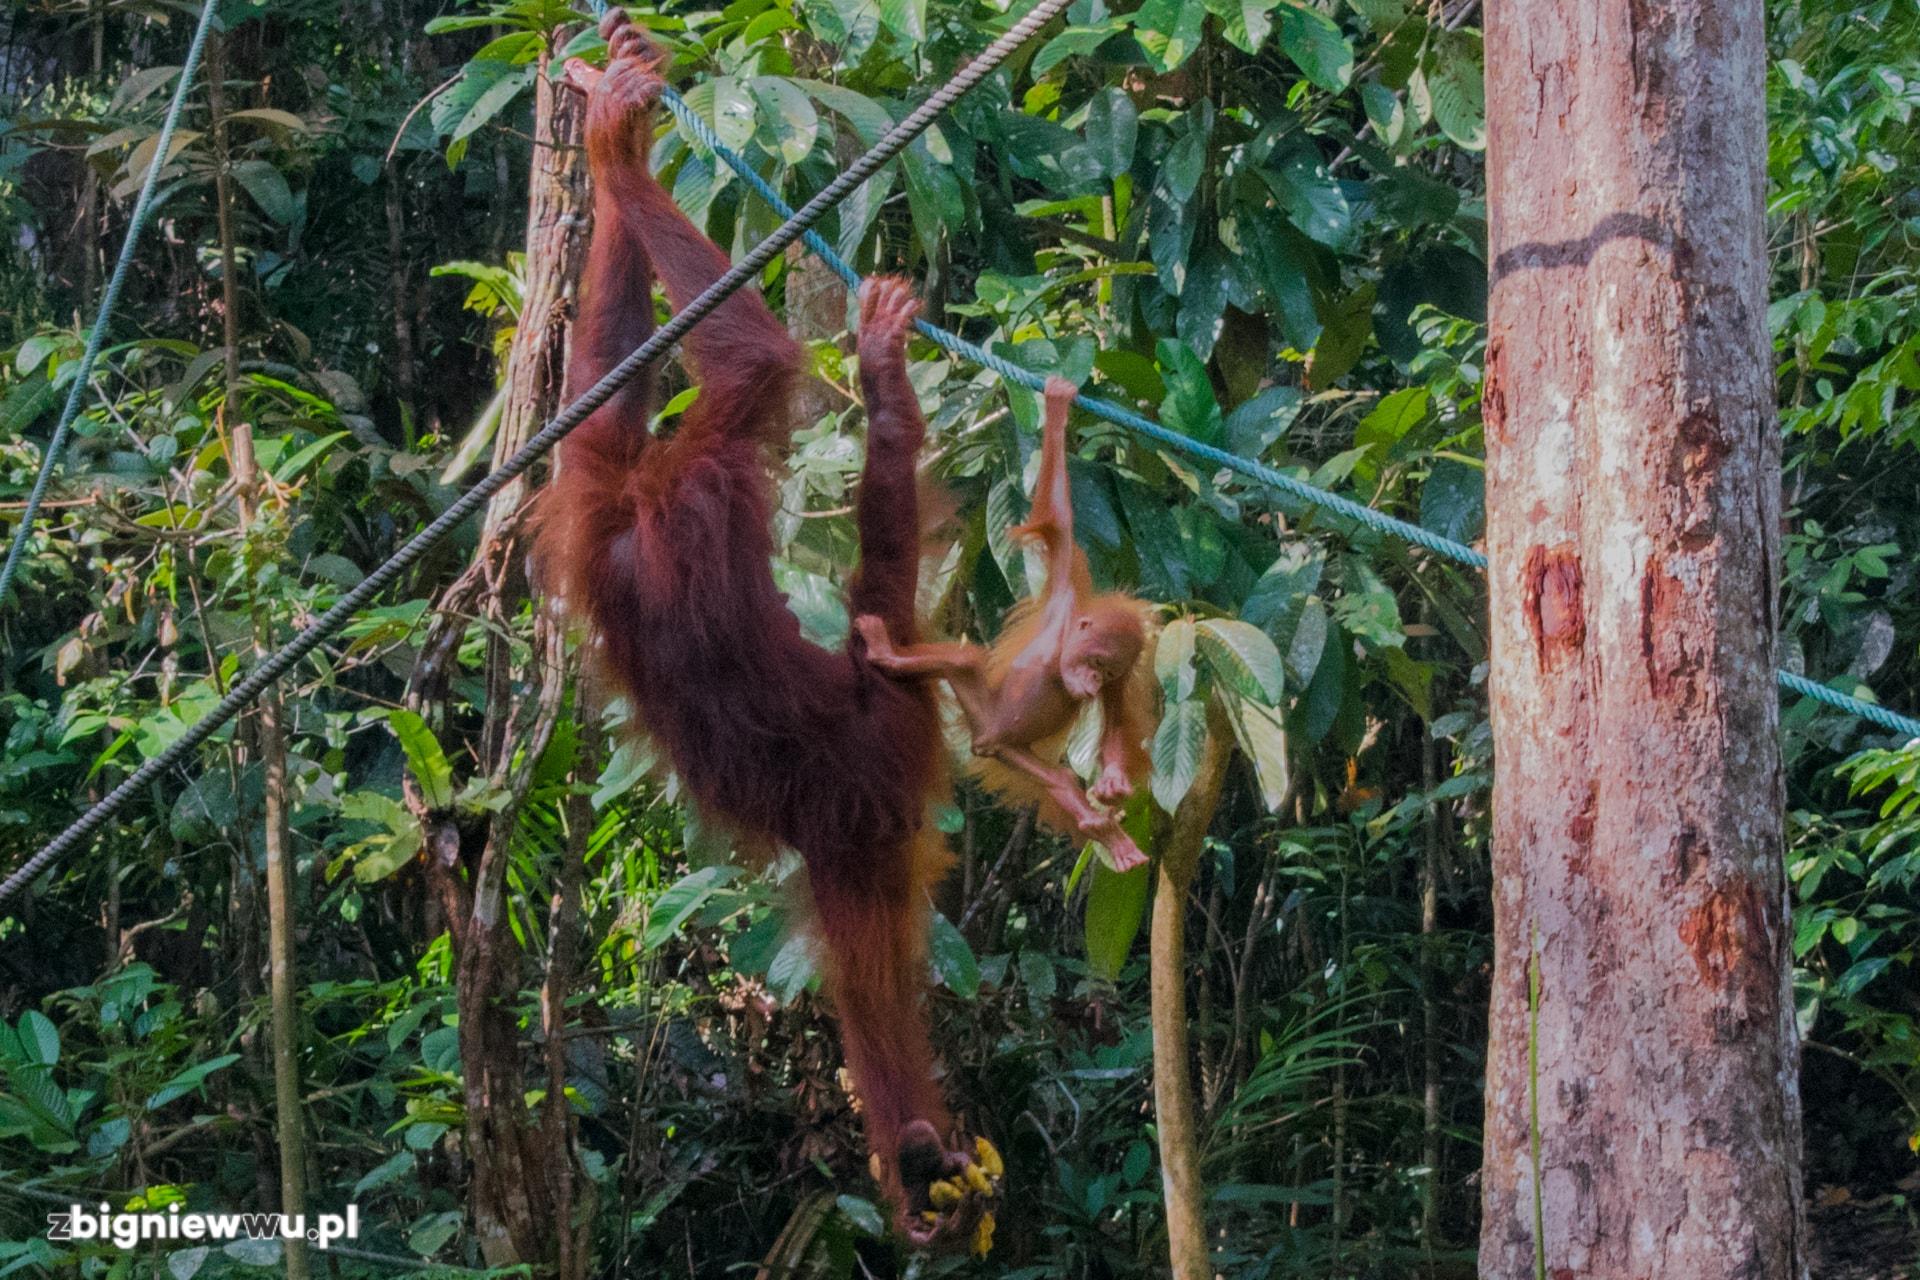 Jako druga na karmieniu pojawiła się matka z młodym orangutanem, który sprawił wszystkim masę radości swoimi wygibasami kilkanaście metrów nad ziemią